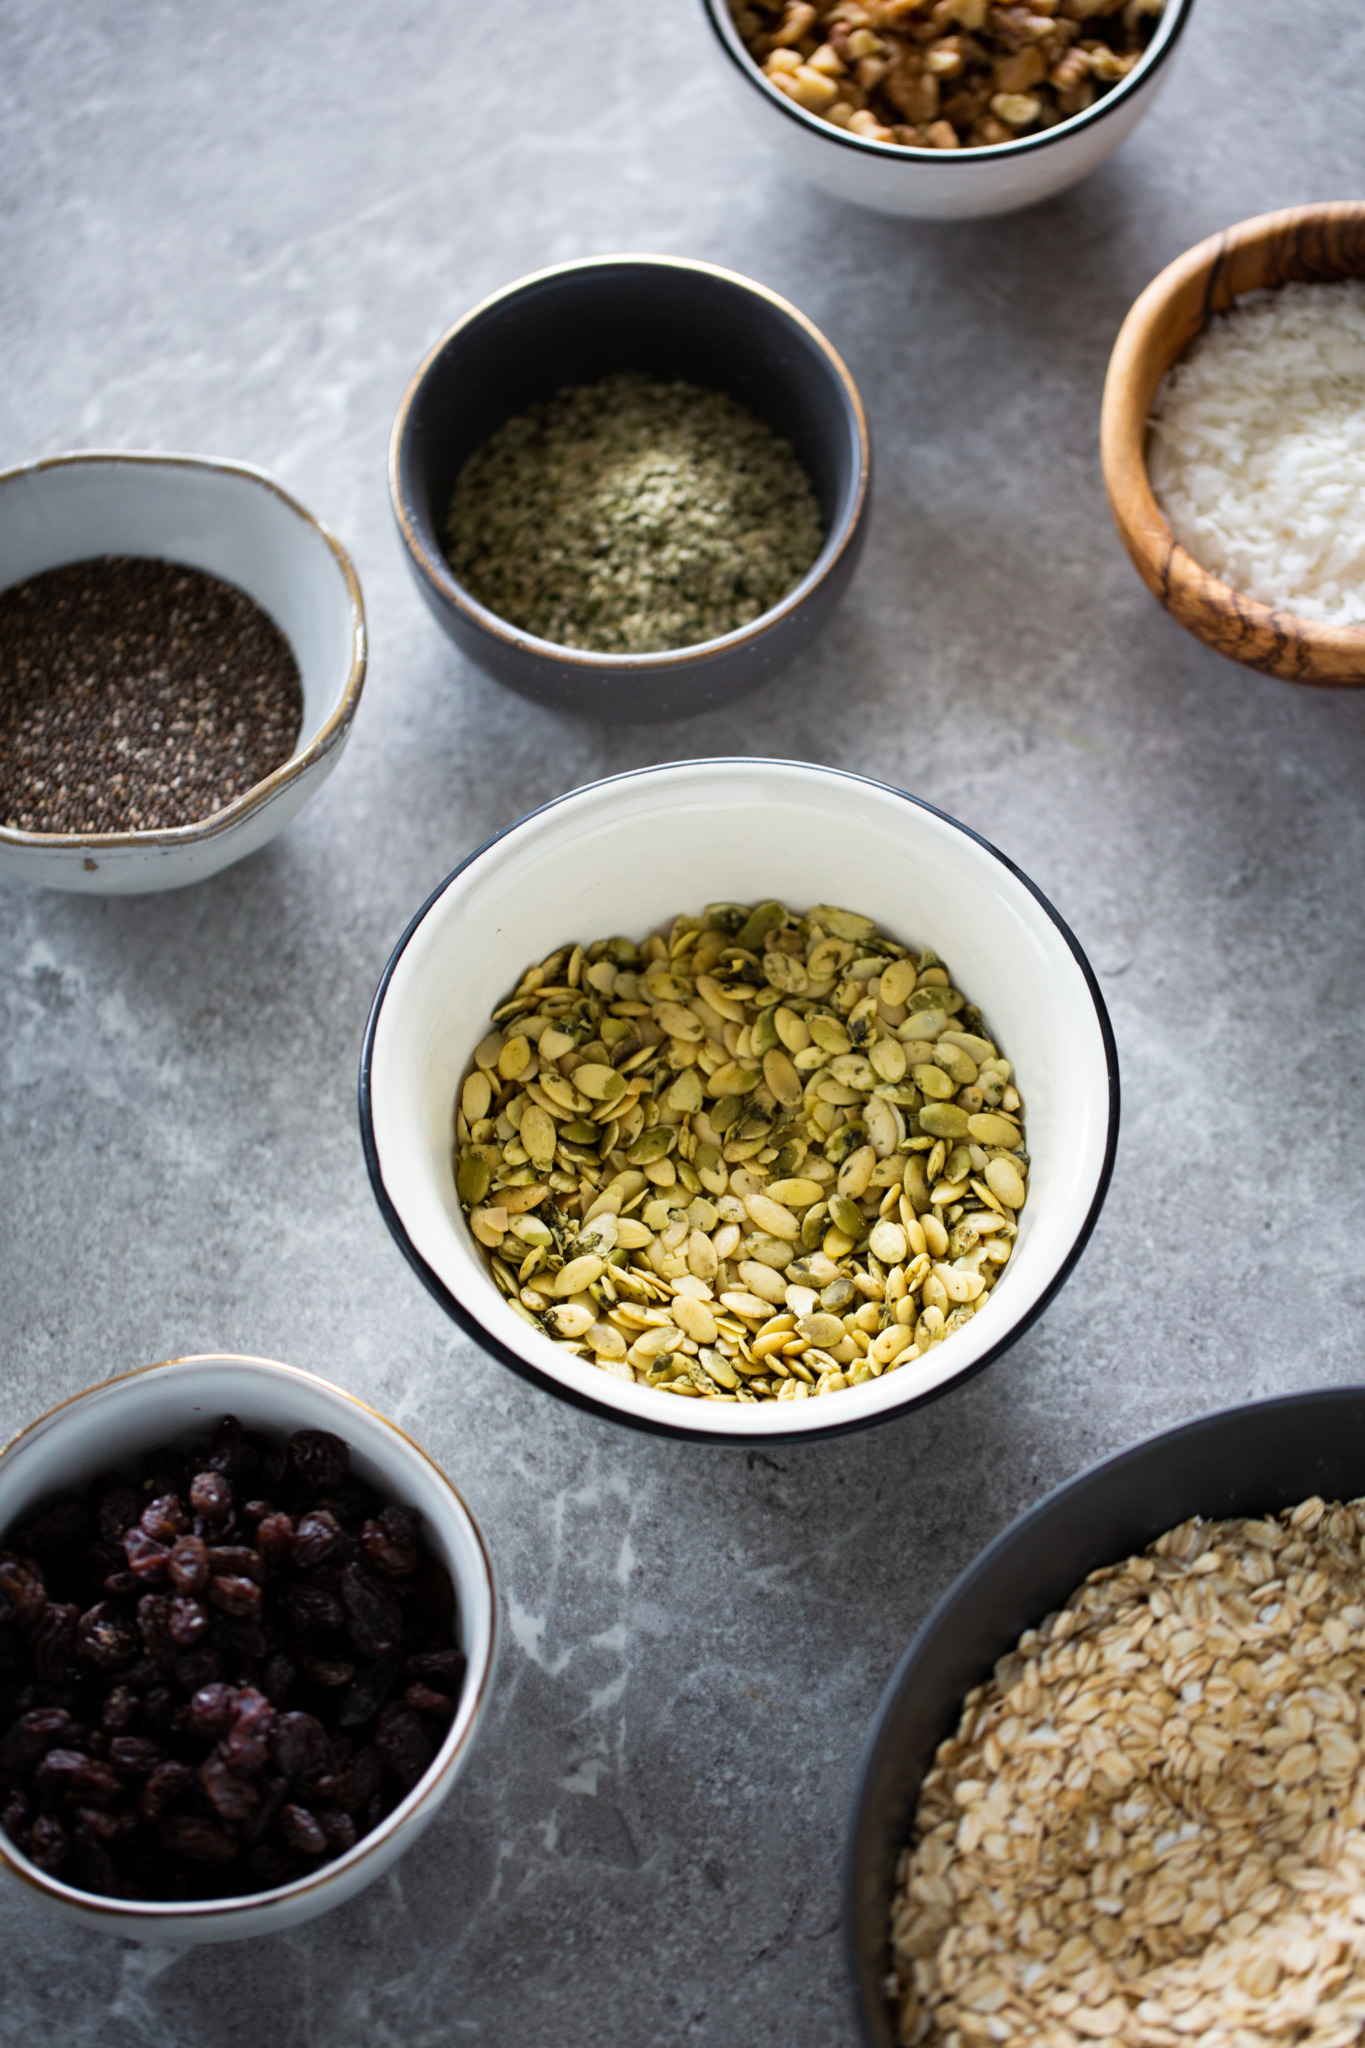 tazones con diferentes ingredientes para hacer granola